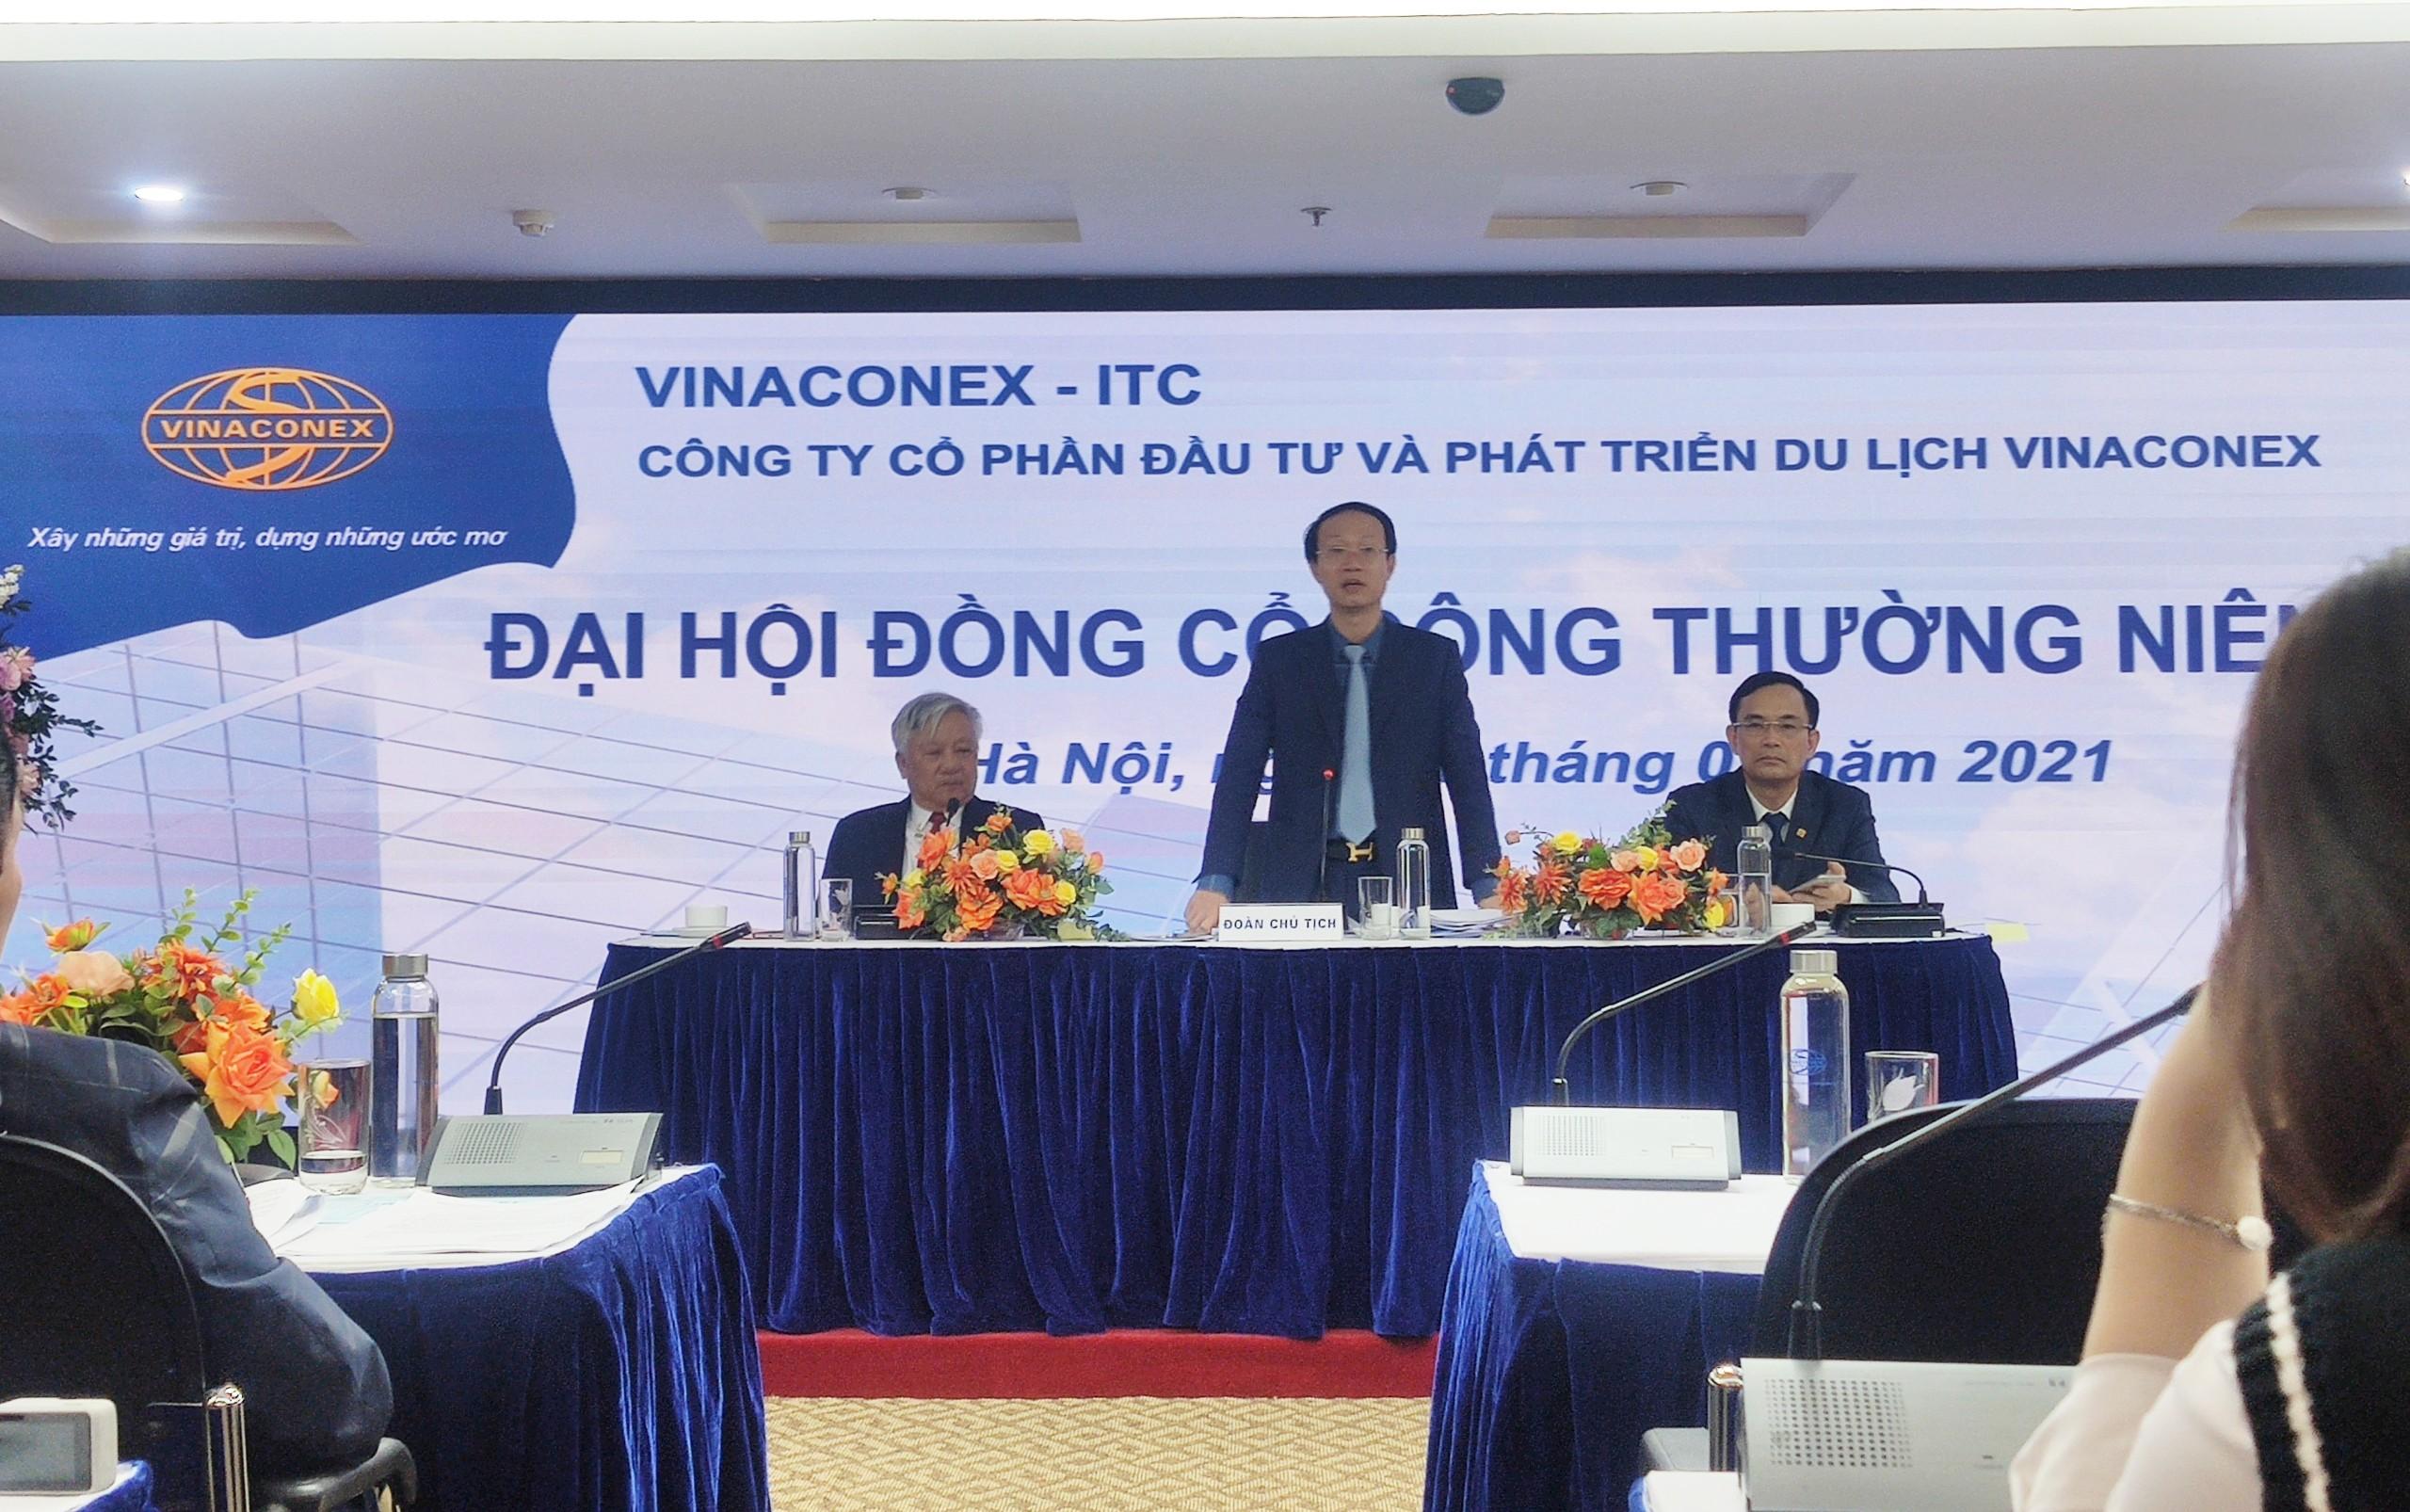 Vinaconex phụ trách 'bơm' tiền cho dự án Cái Giá tỷ USD, dự kiến nâng tỷ lệ sở hữu VCR lên 36% - Ảnh 1.